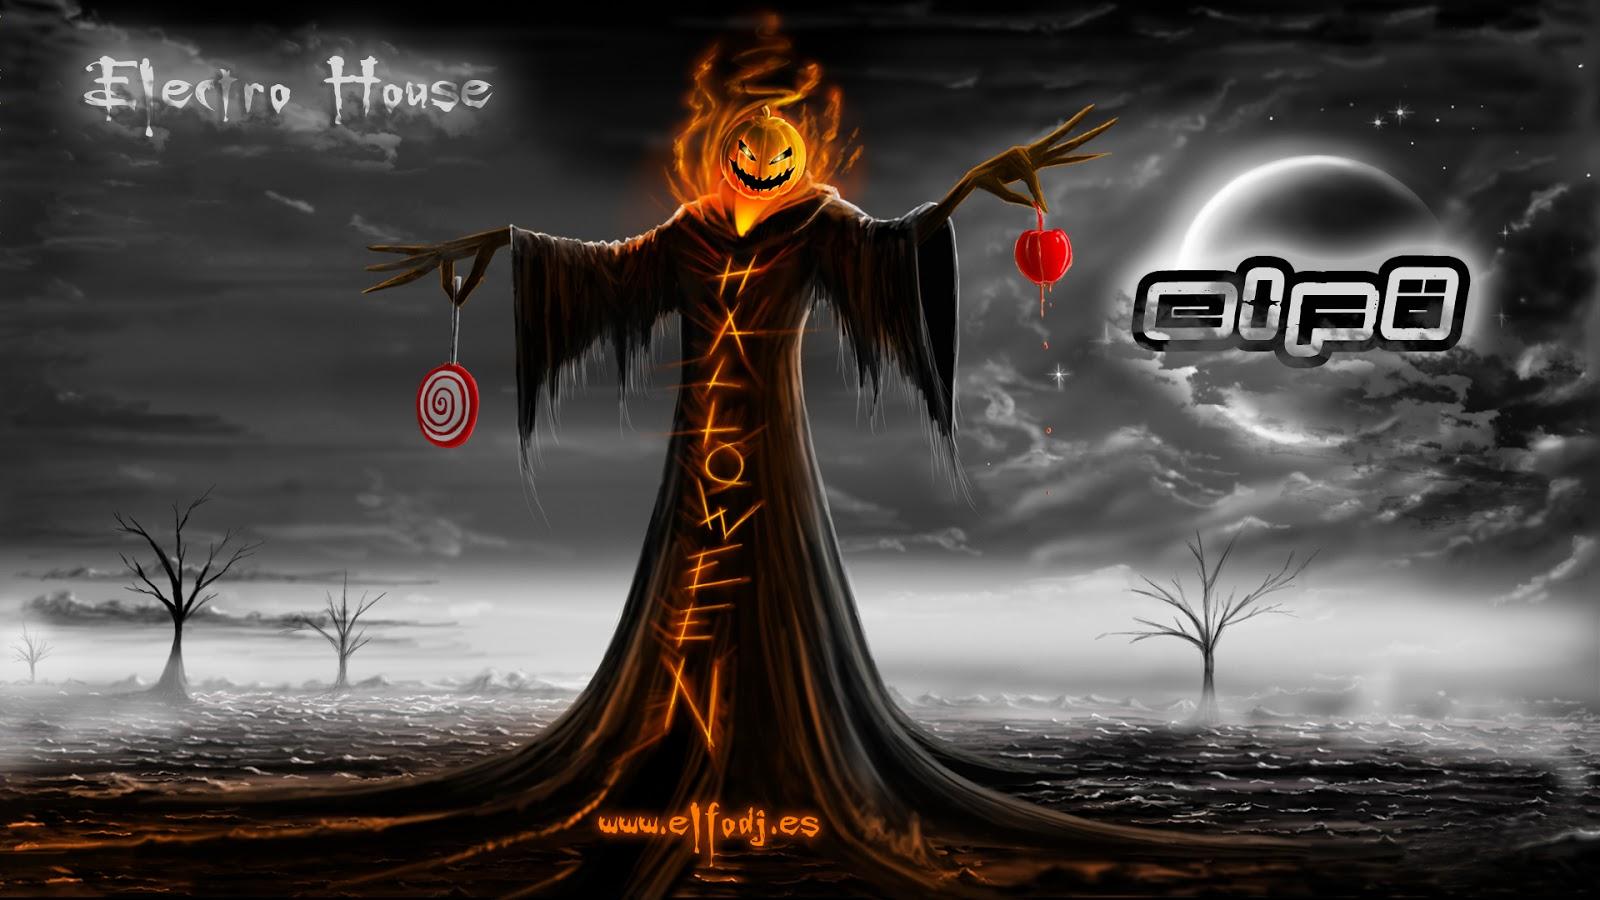 http://2.bp.blogspot.com/-XjGh8KSoS10/UImAGZBI7nI/AAAAAAAAANA/lNdcxcrtgIY/s1600/Elf%C3%B6+Dj+-+Halloween+2012.jpg